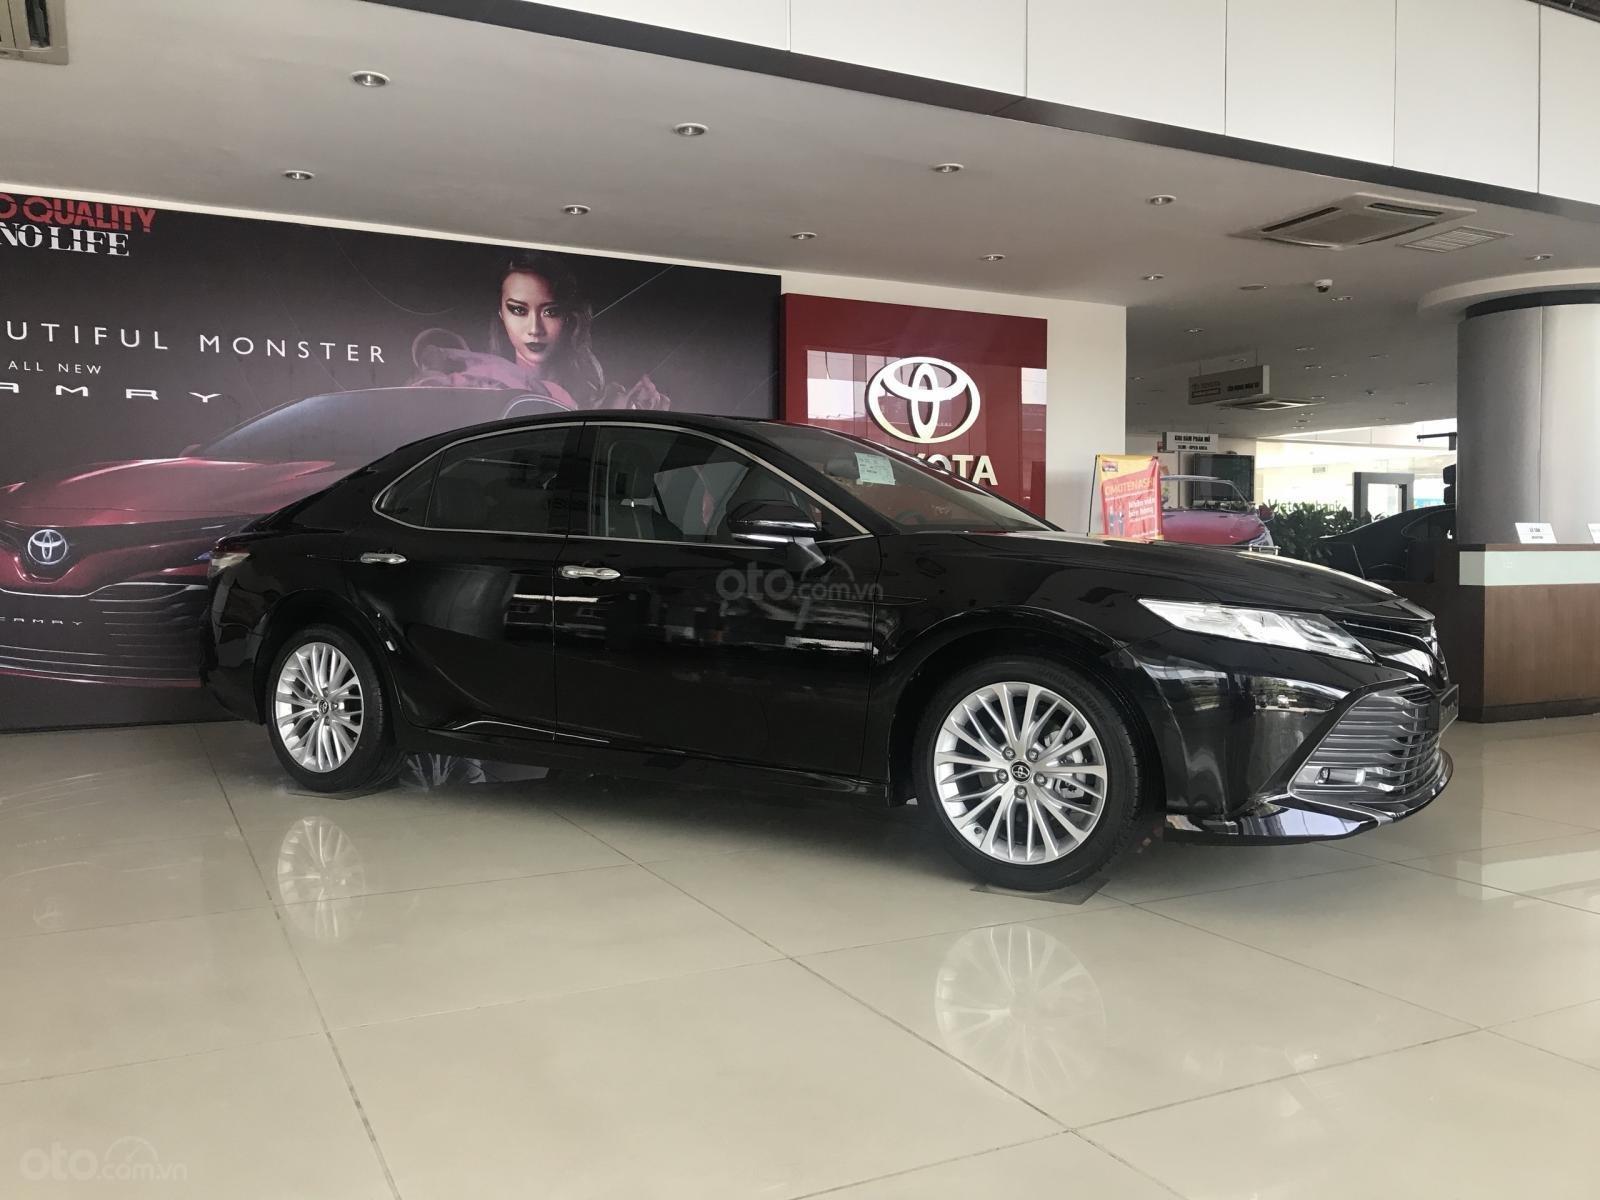 Bán Toyota Camry 2019 nhập Thái Lan nguyên chiếc, xe đủ màu giao ngay-1